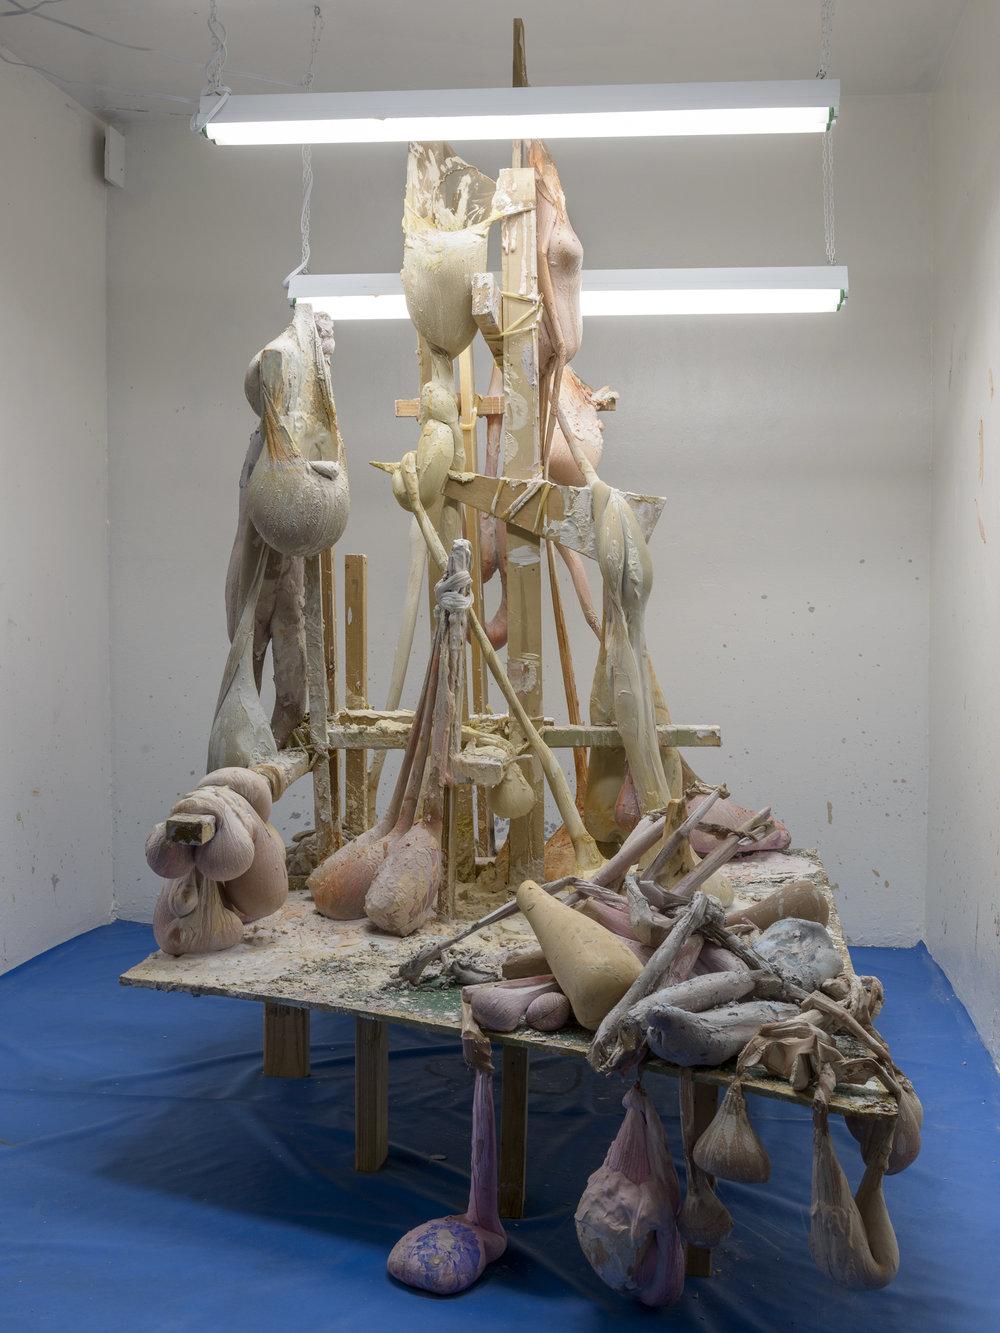 """Kayley Berezney, """"LUMPY, DUMPY, & GRUMPY"""" / 2017 / plaster, nylon, surgical tubing, found wood, florescent lighting/ 48"""" x 60"""" x 84""""   http://www.kayleyberezney.com"""